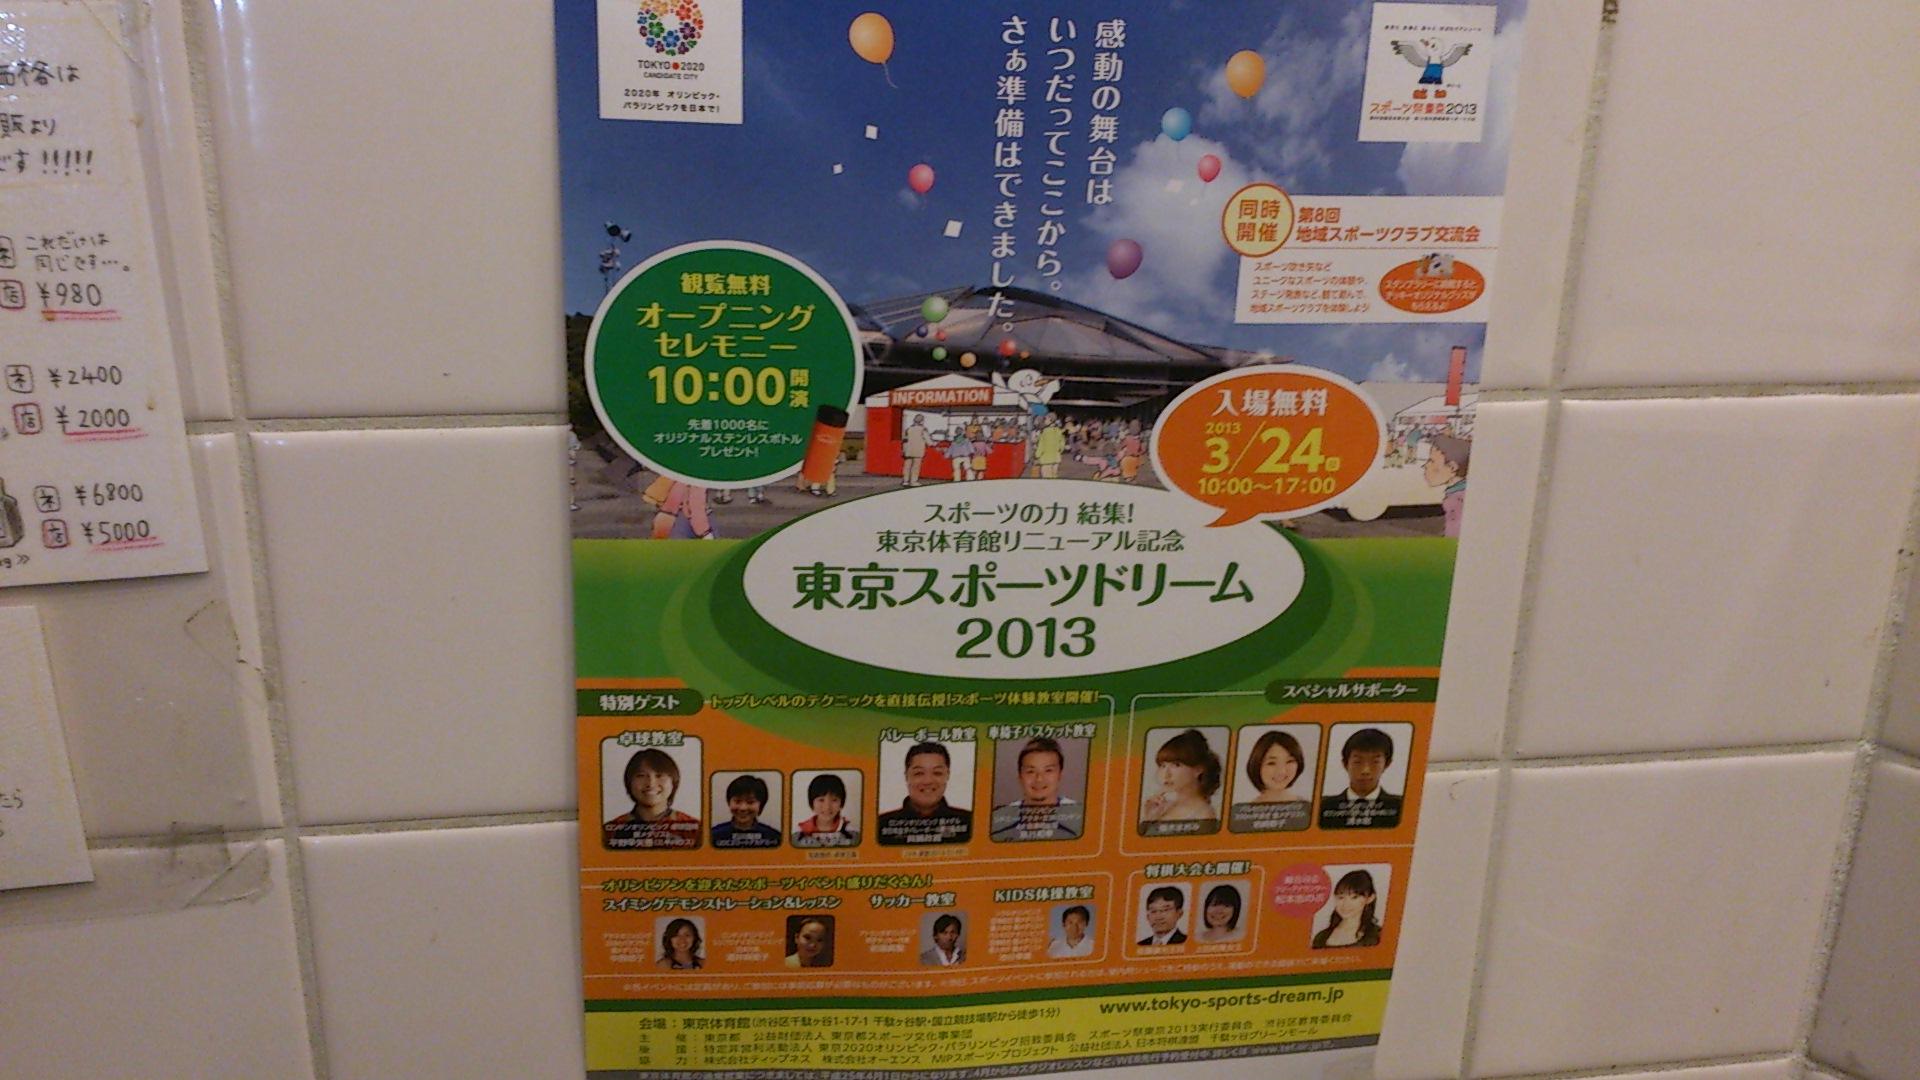 『東京スポーツドリーム2013』_a0075684_2353579.jpg